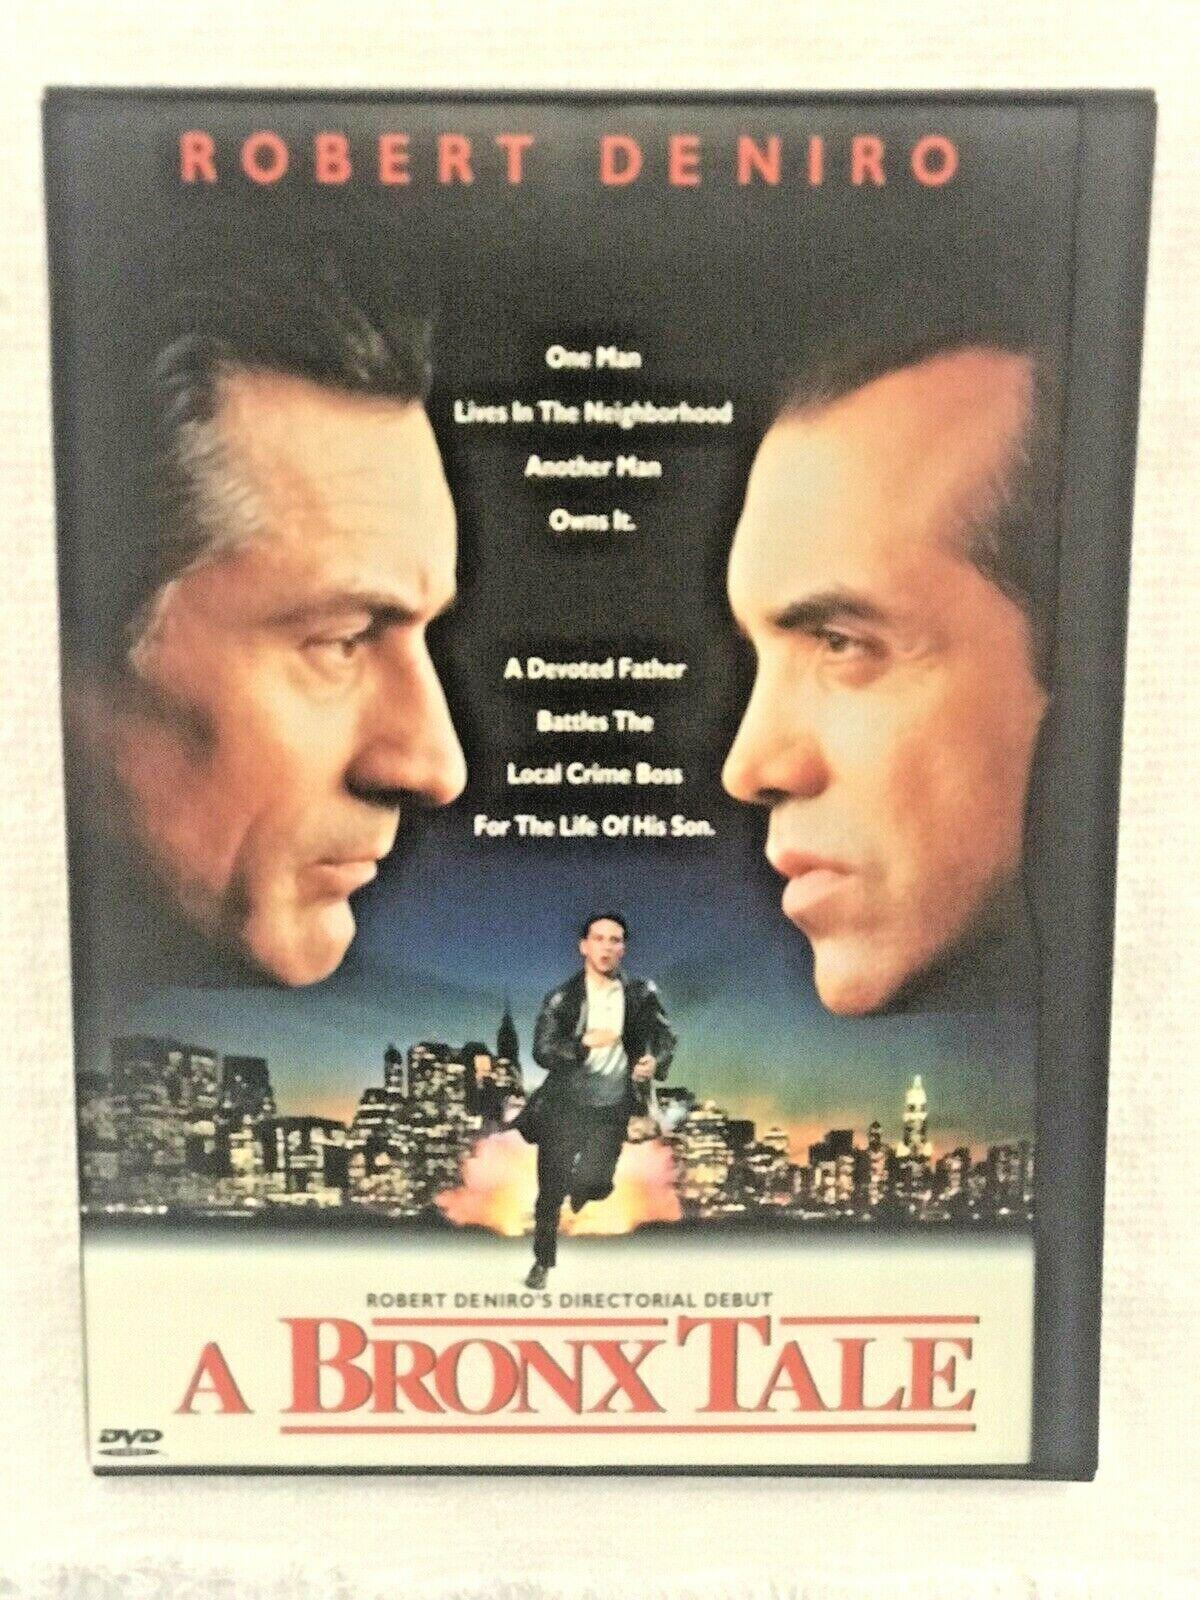 A Bronx Tale DVD / Classic / Robert Deniro /Joe Pesci - $5.50